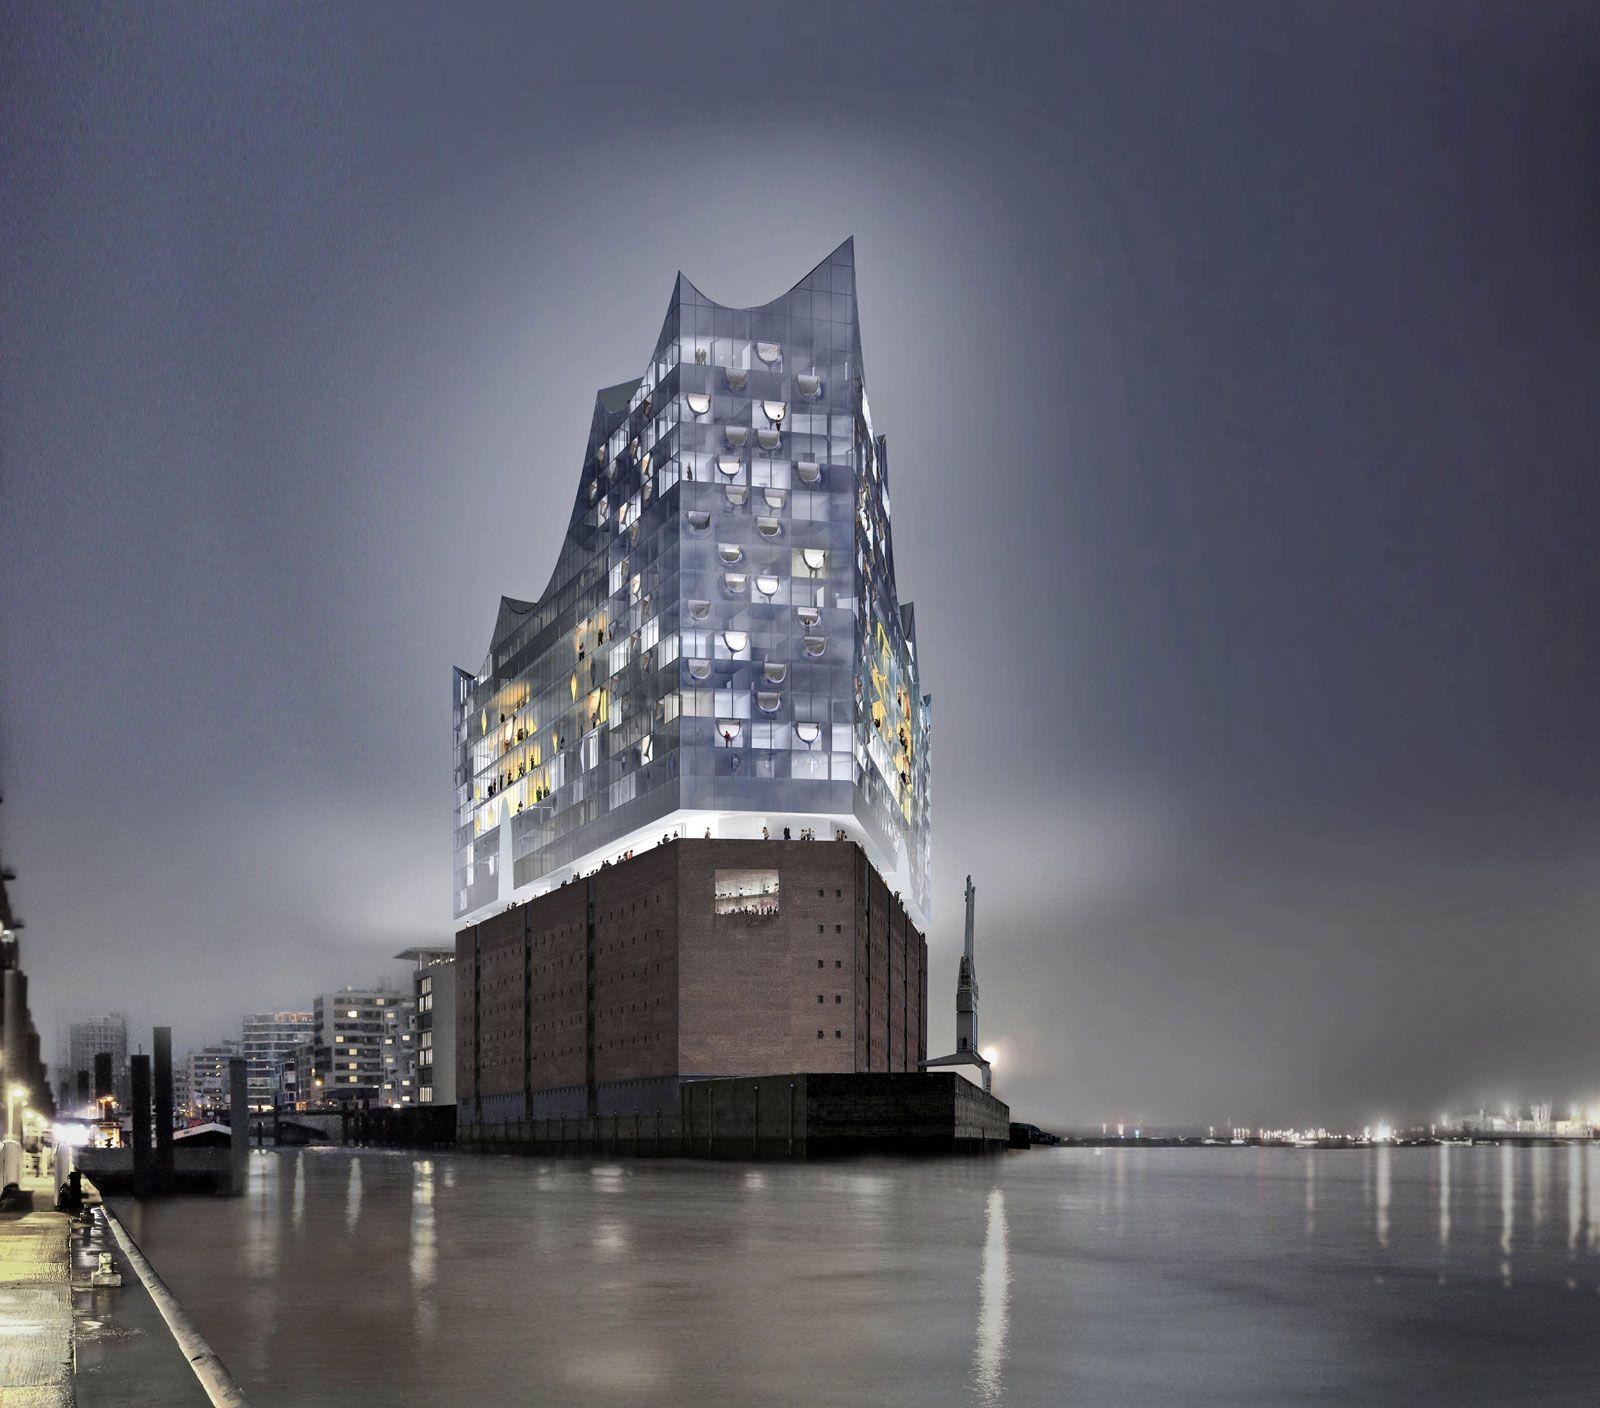 Elbphilharmonie Hamburg Herzog De Meuron Ideasgn Concert Hall Hamburg Elbphilharmonie Hamburg